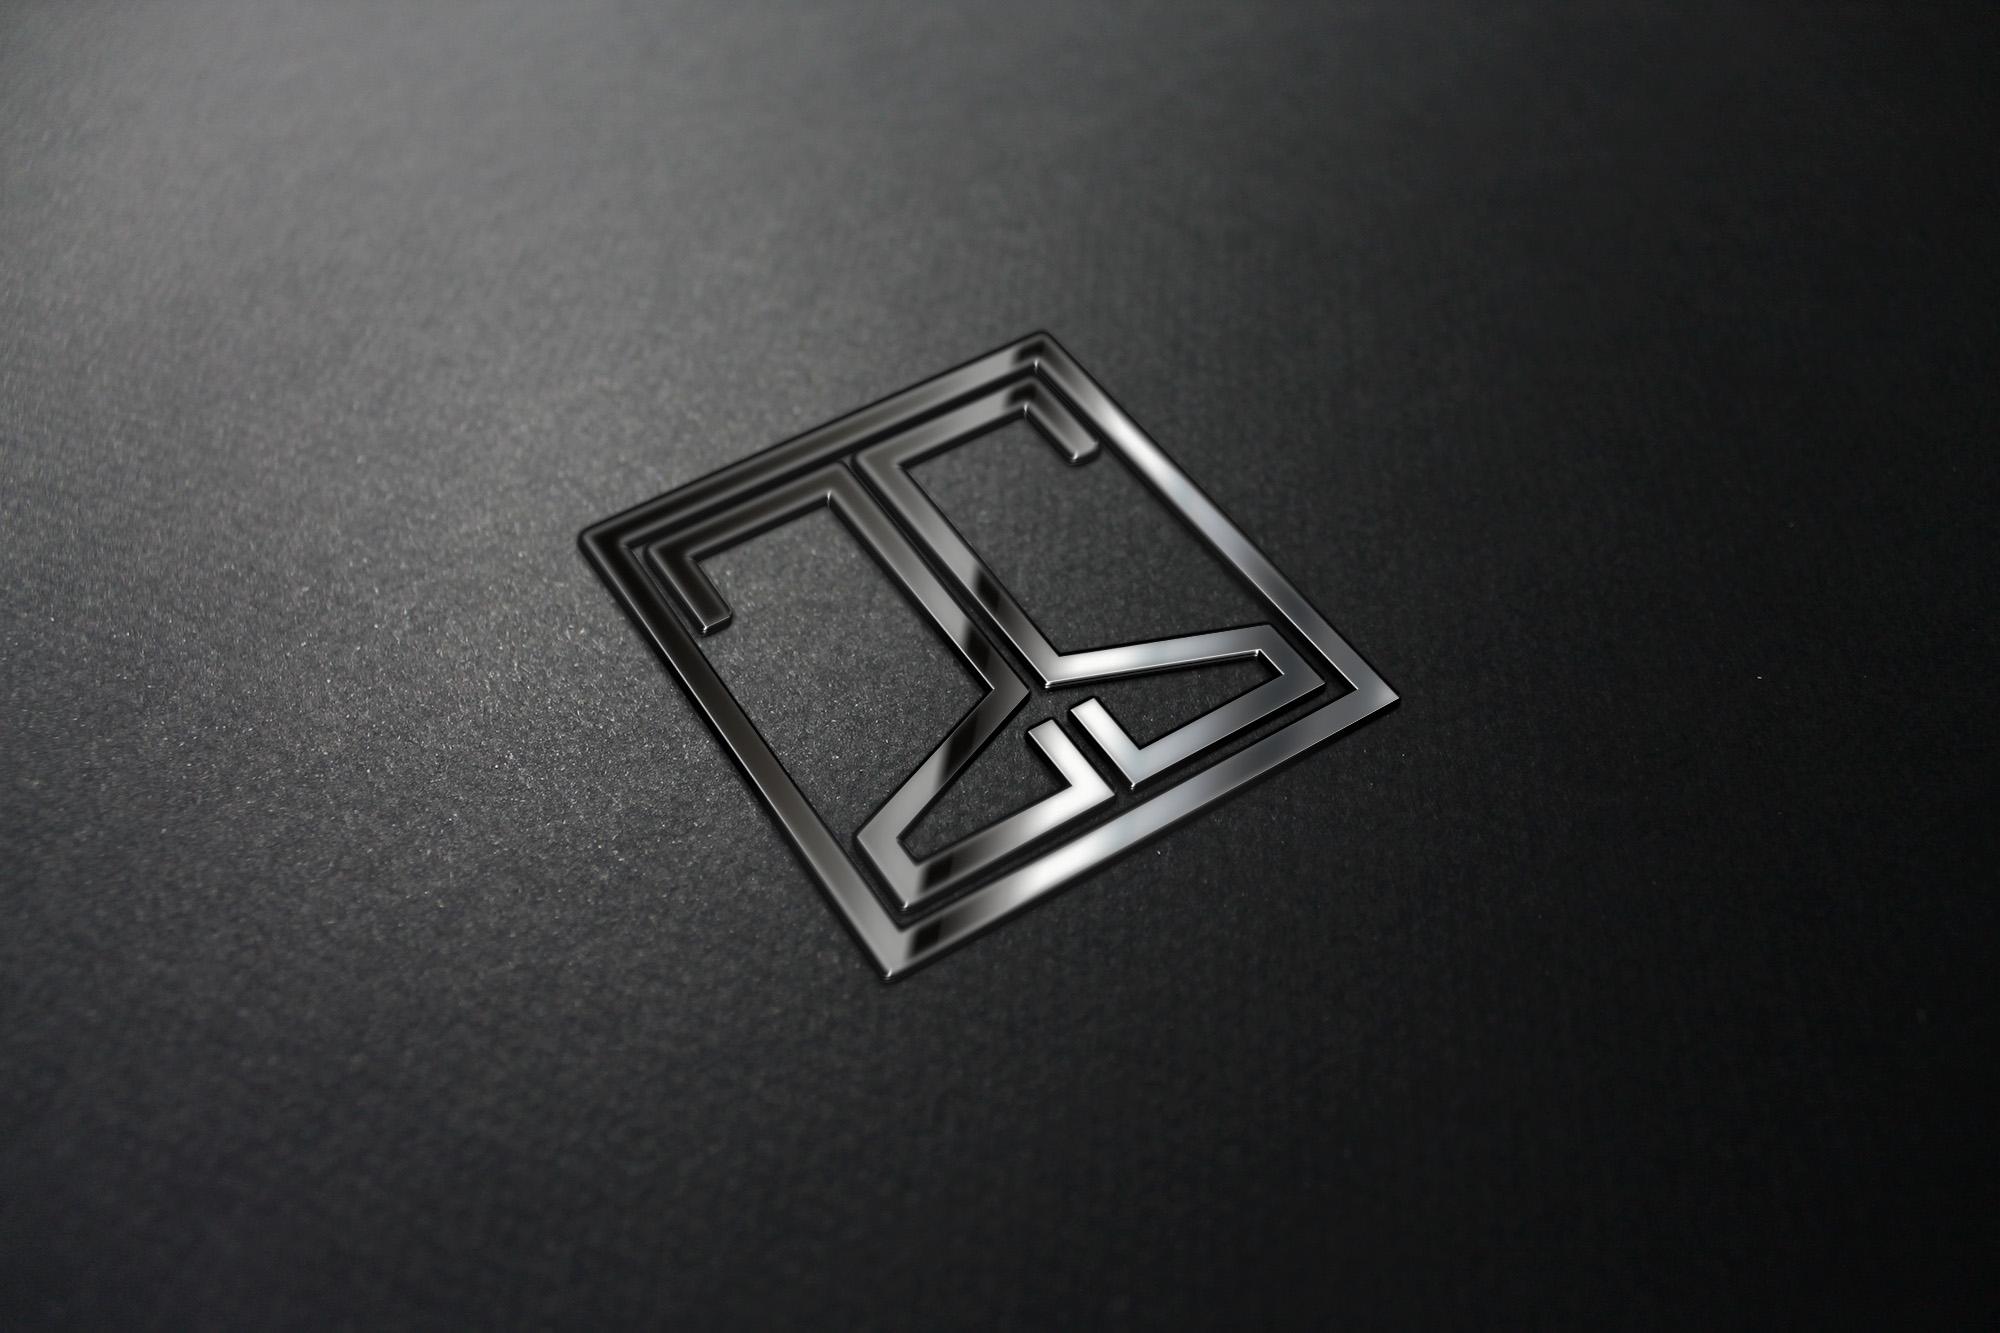 Разработка логотипа (срочно) фото f_2895d4aa5ed03133.jpg